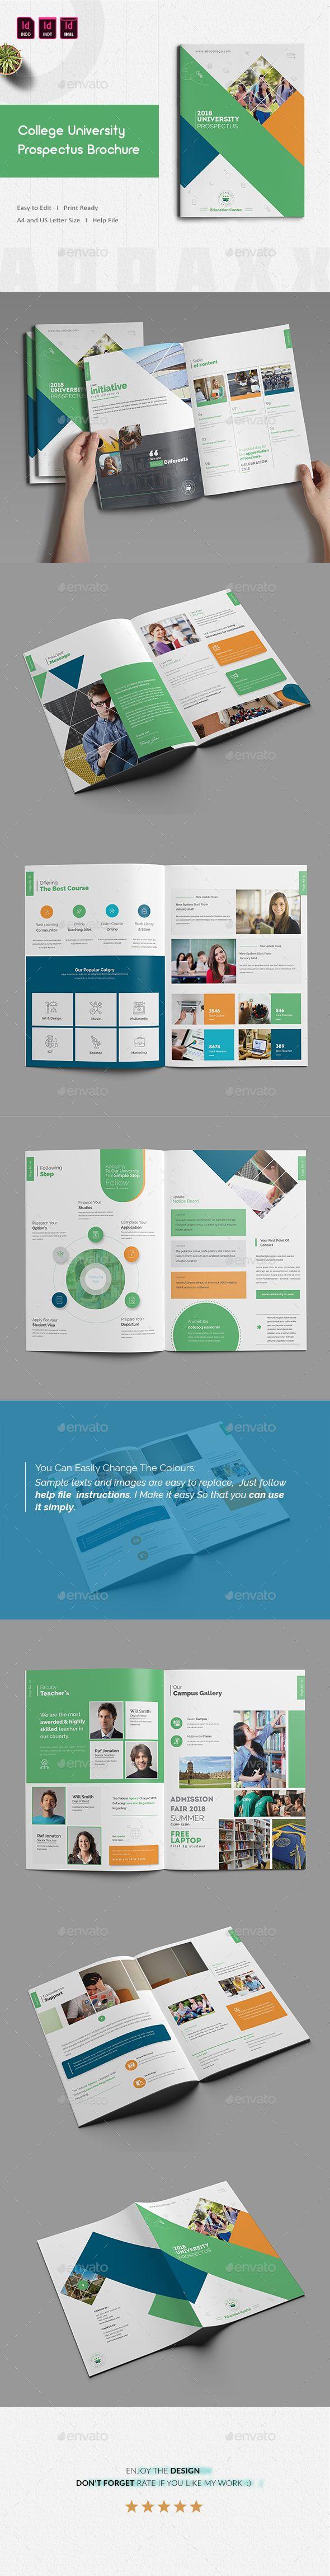 #College University Prospectus #Brochure - #Corporate Brochures